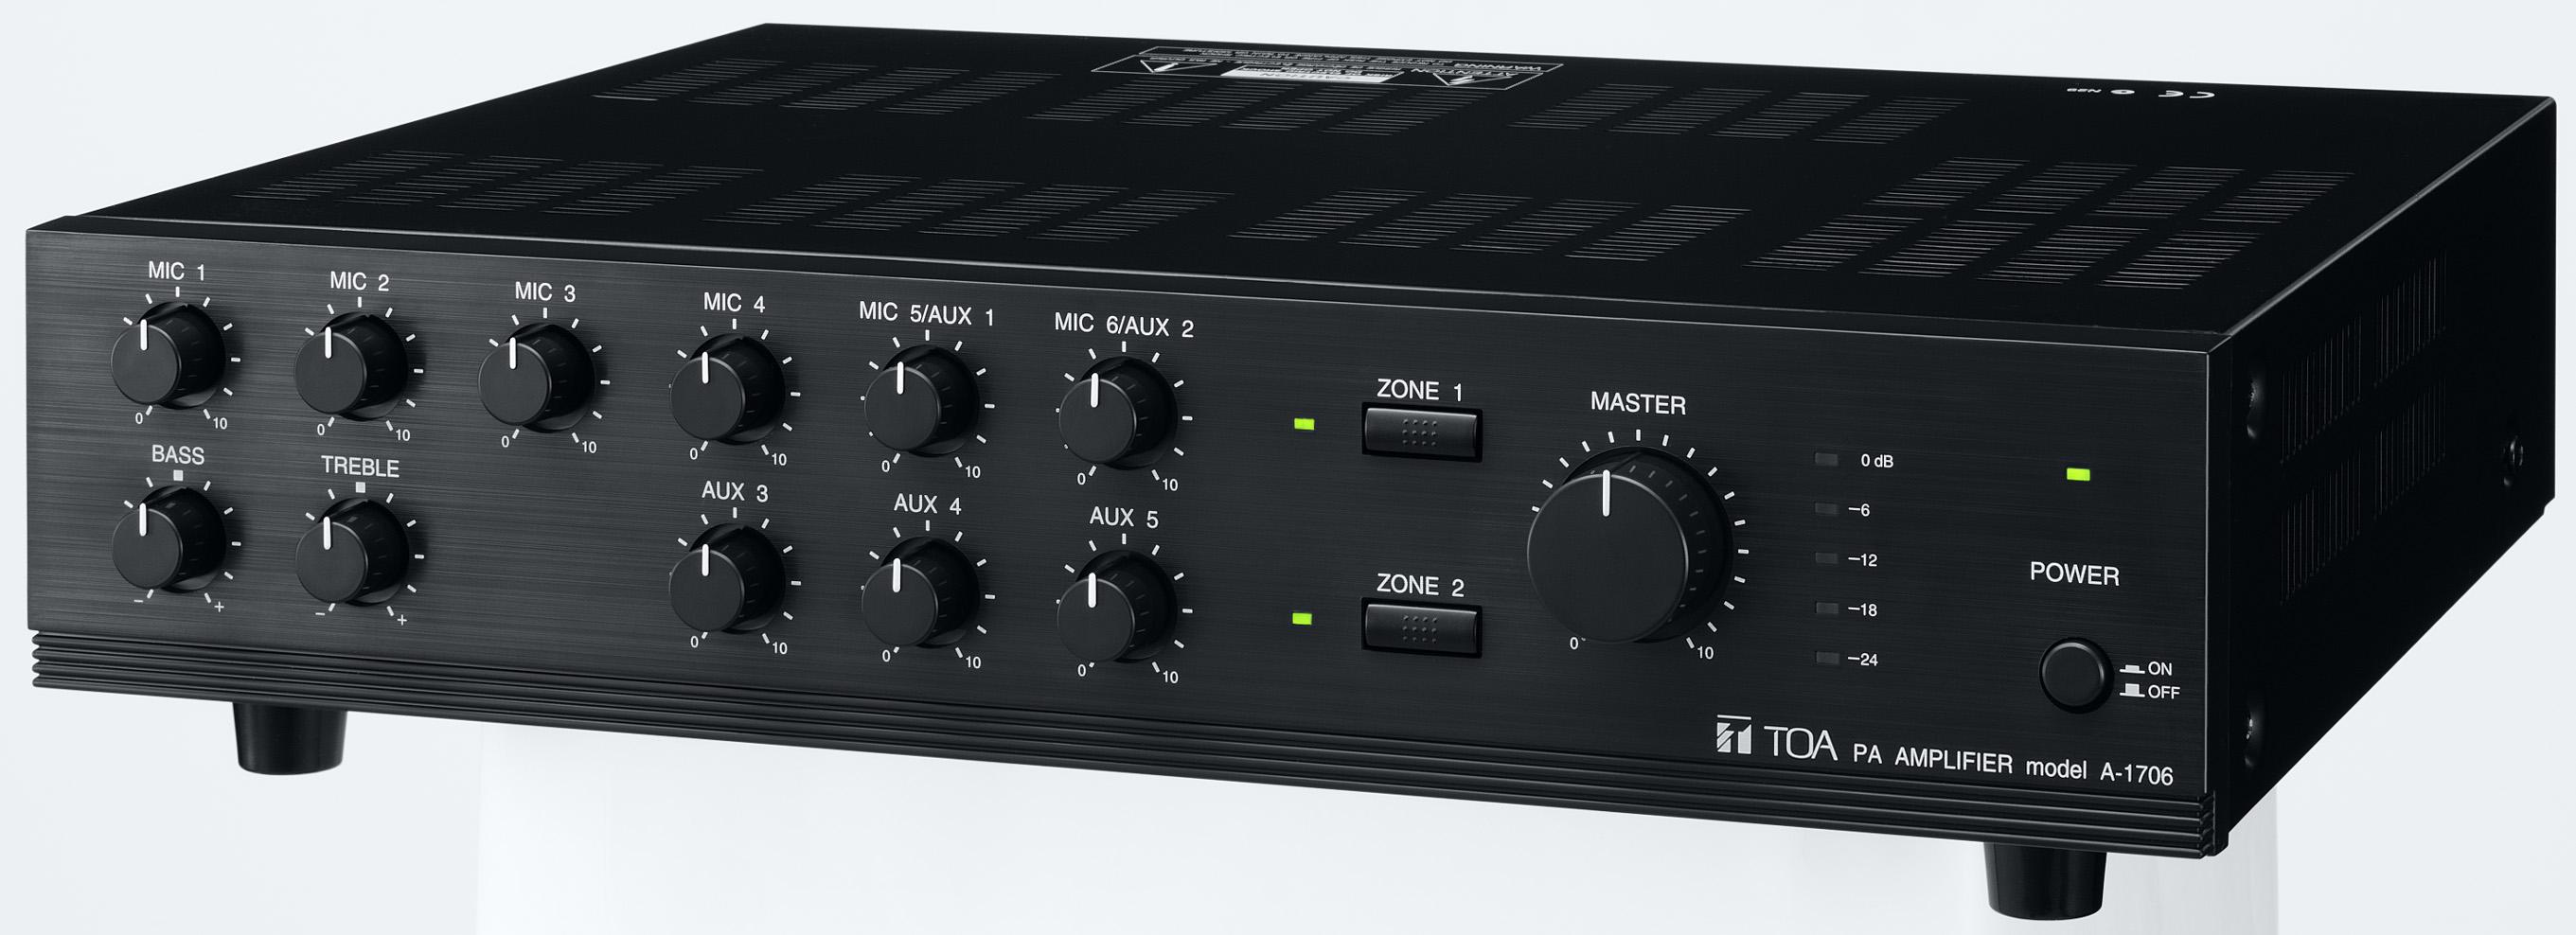 Tăng âm liền mixer dòng A-1700